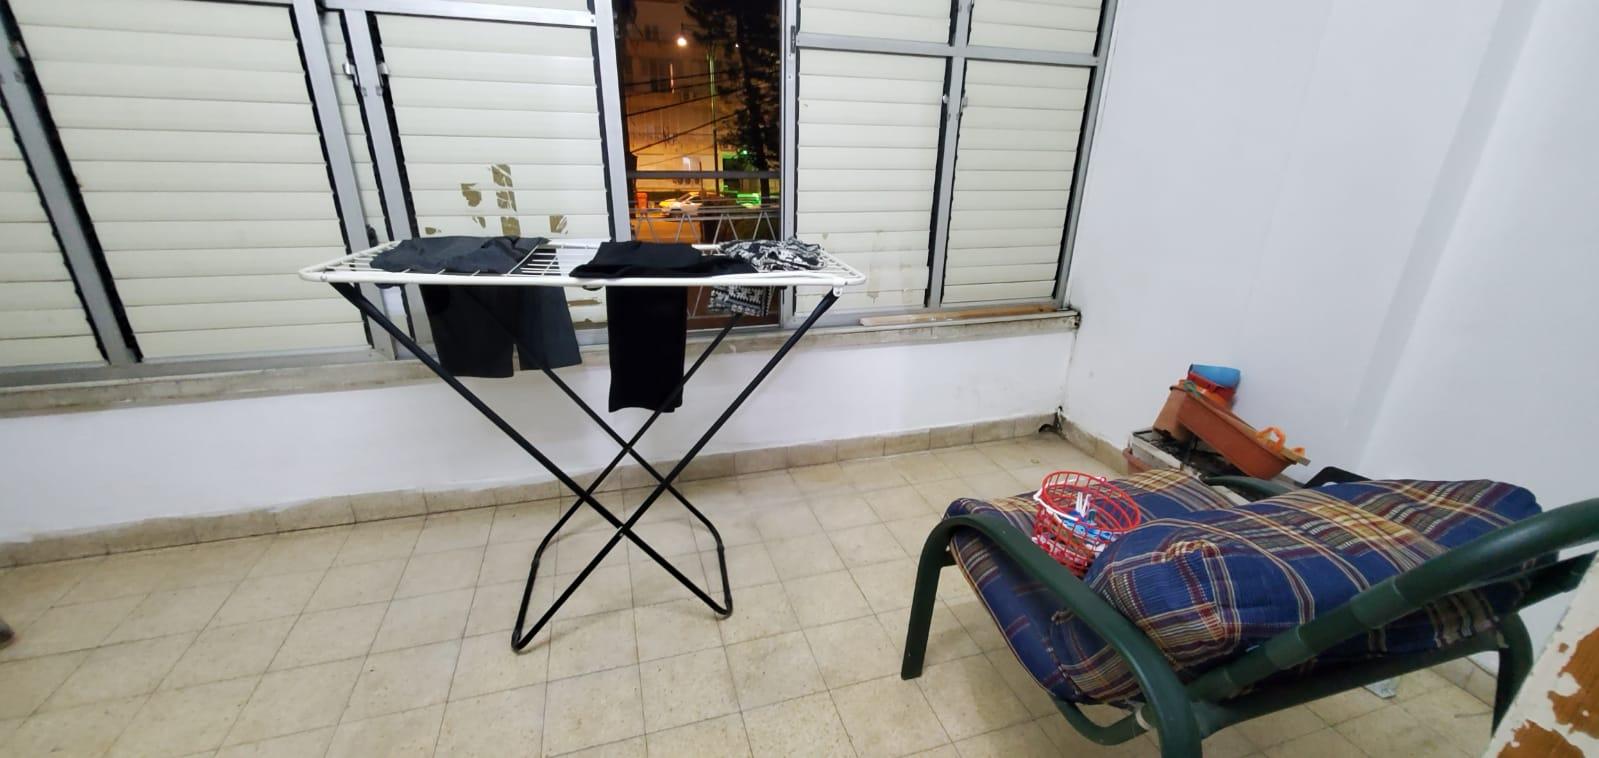 דירה להשכרה ברוטשילז פתח תקווה